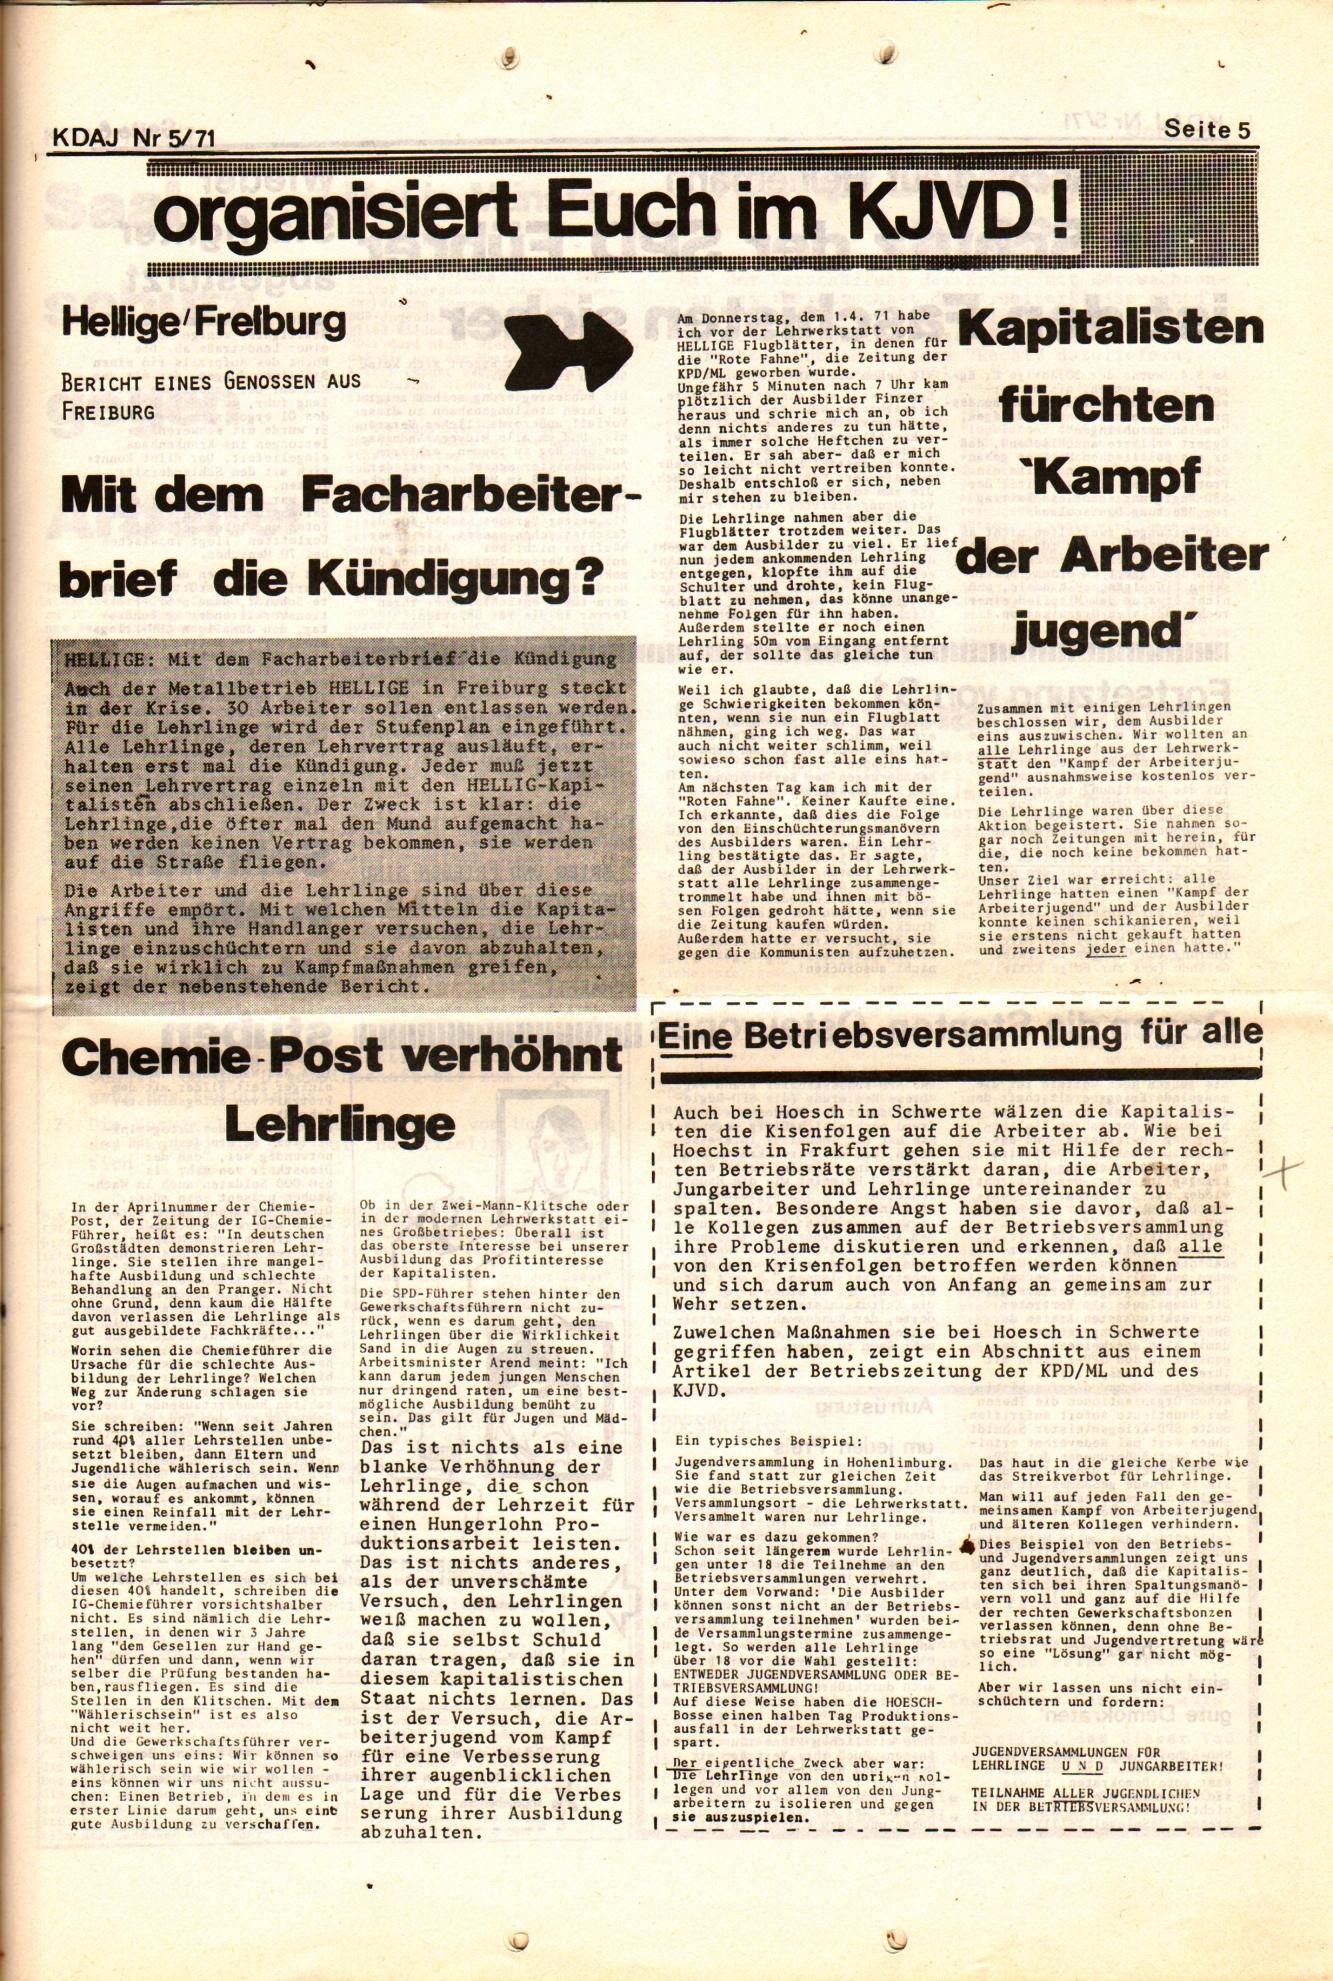 KJVD_KDAJ_1971_05_05